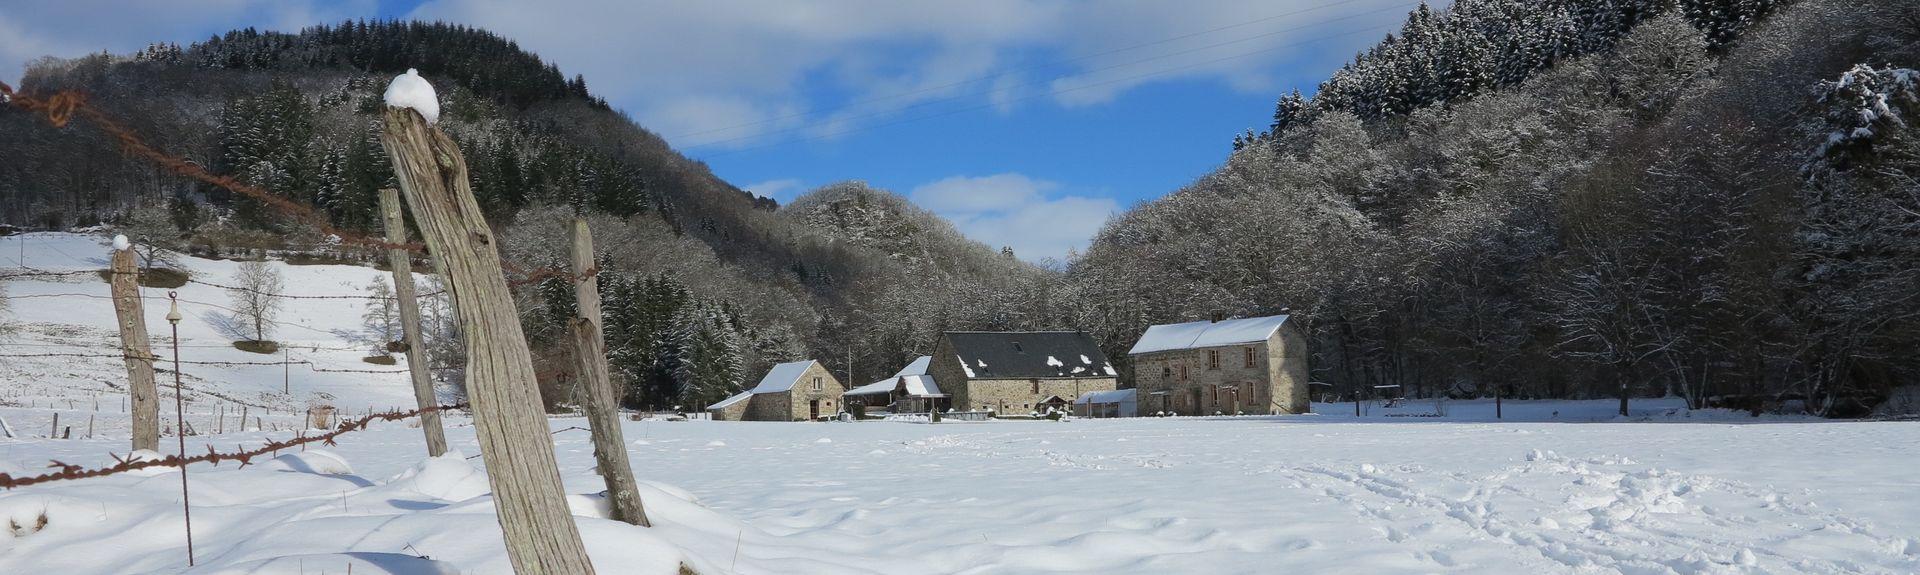 La Bourboule, Puy-de-Dôme (département), France